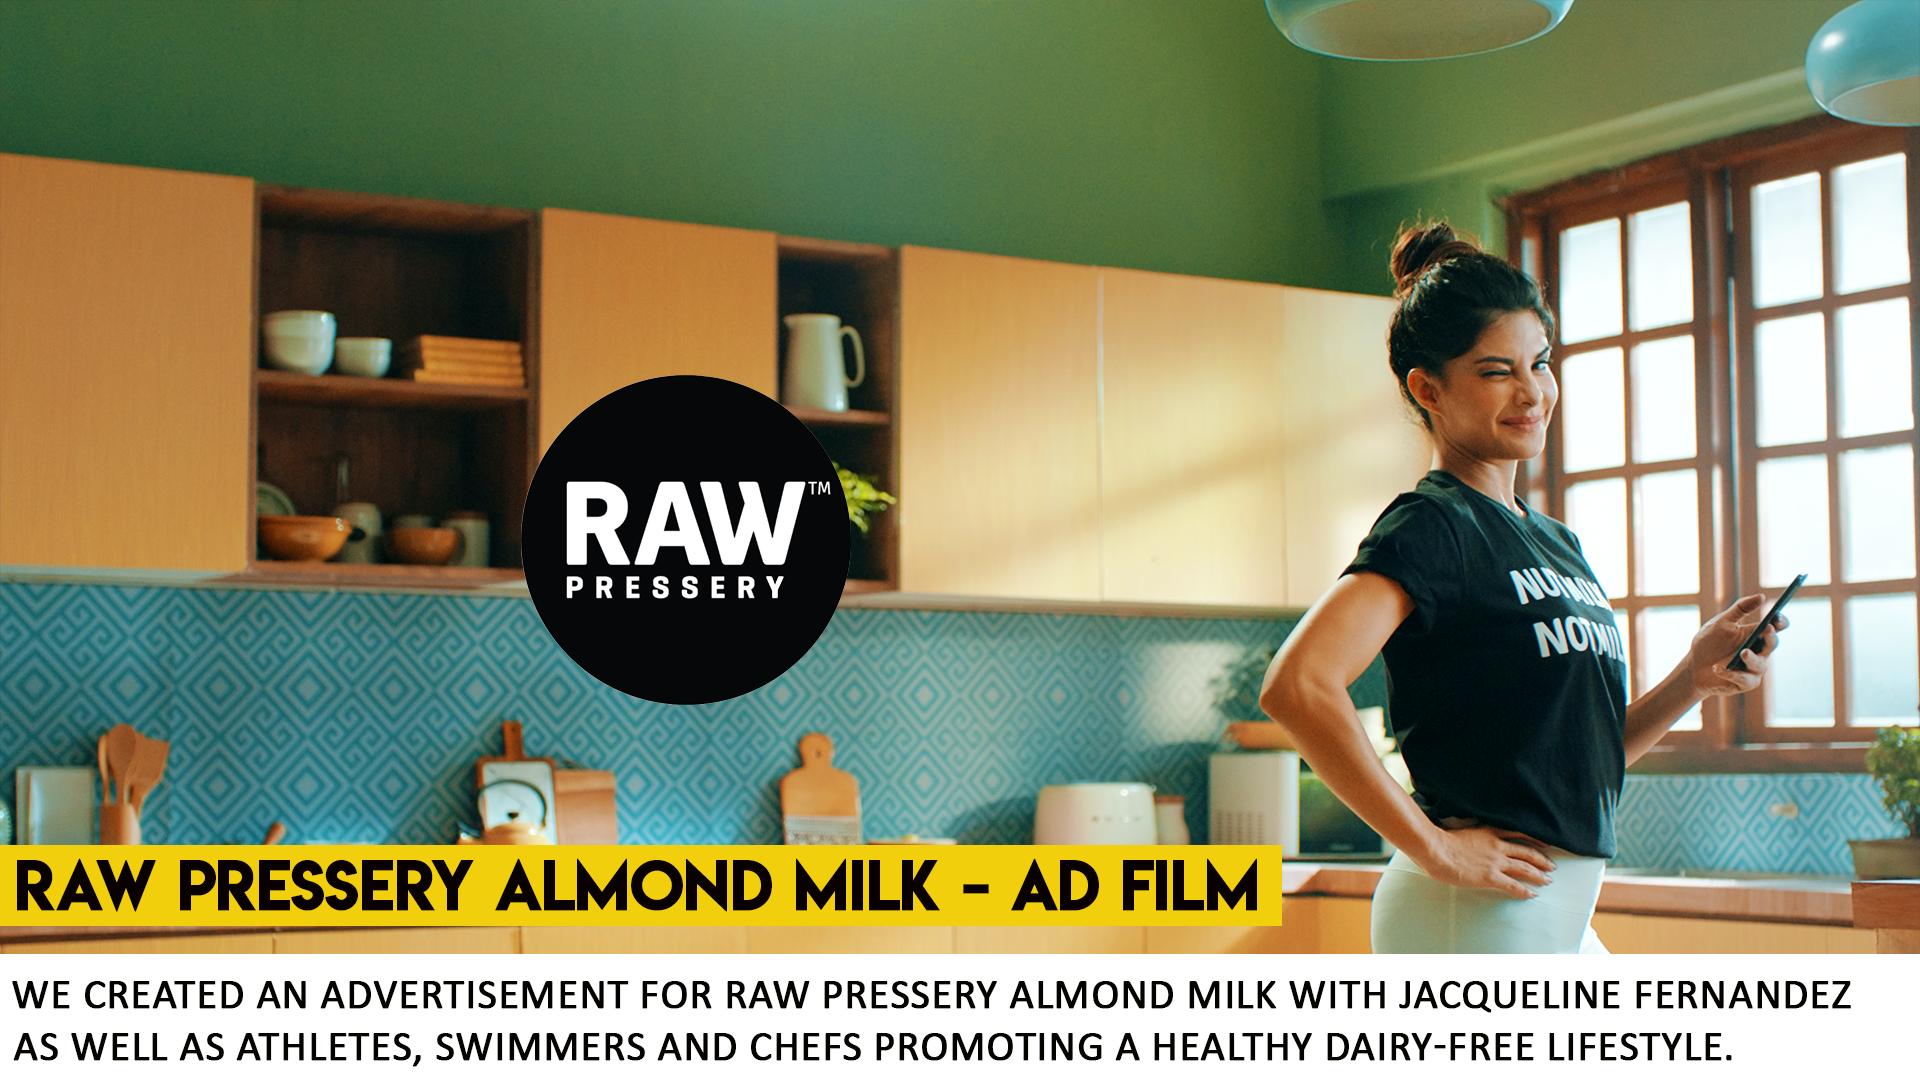 Raw Pressery Almond Milk Commercial